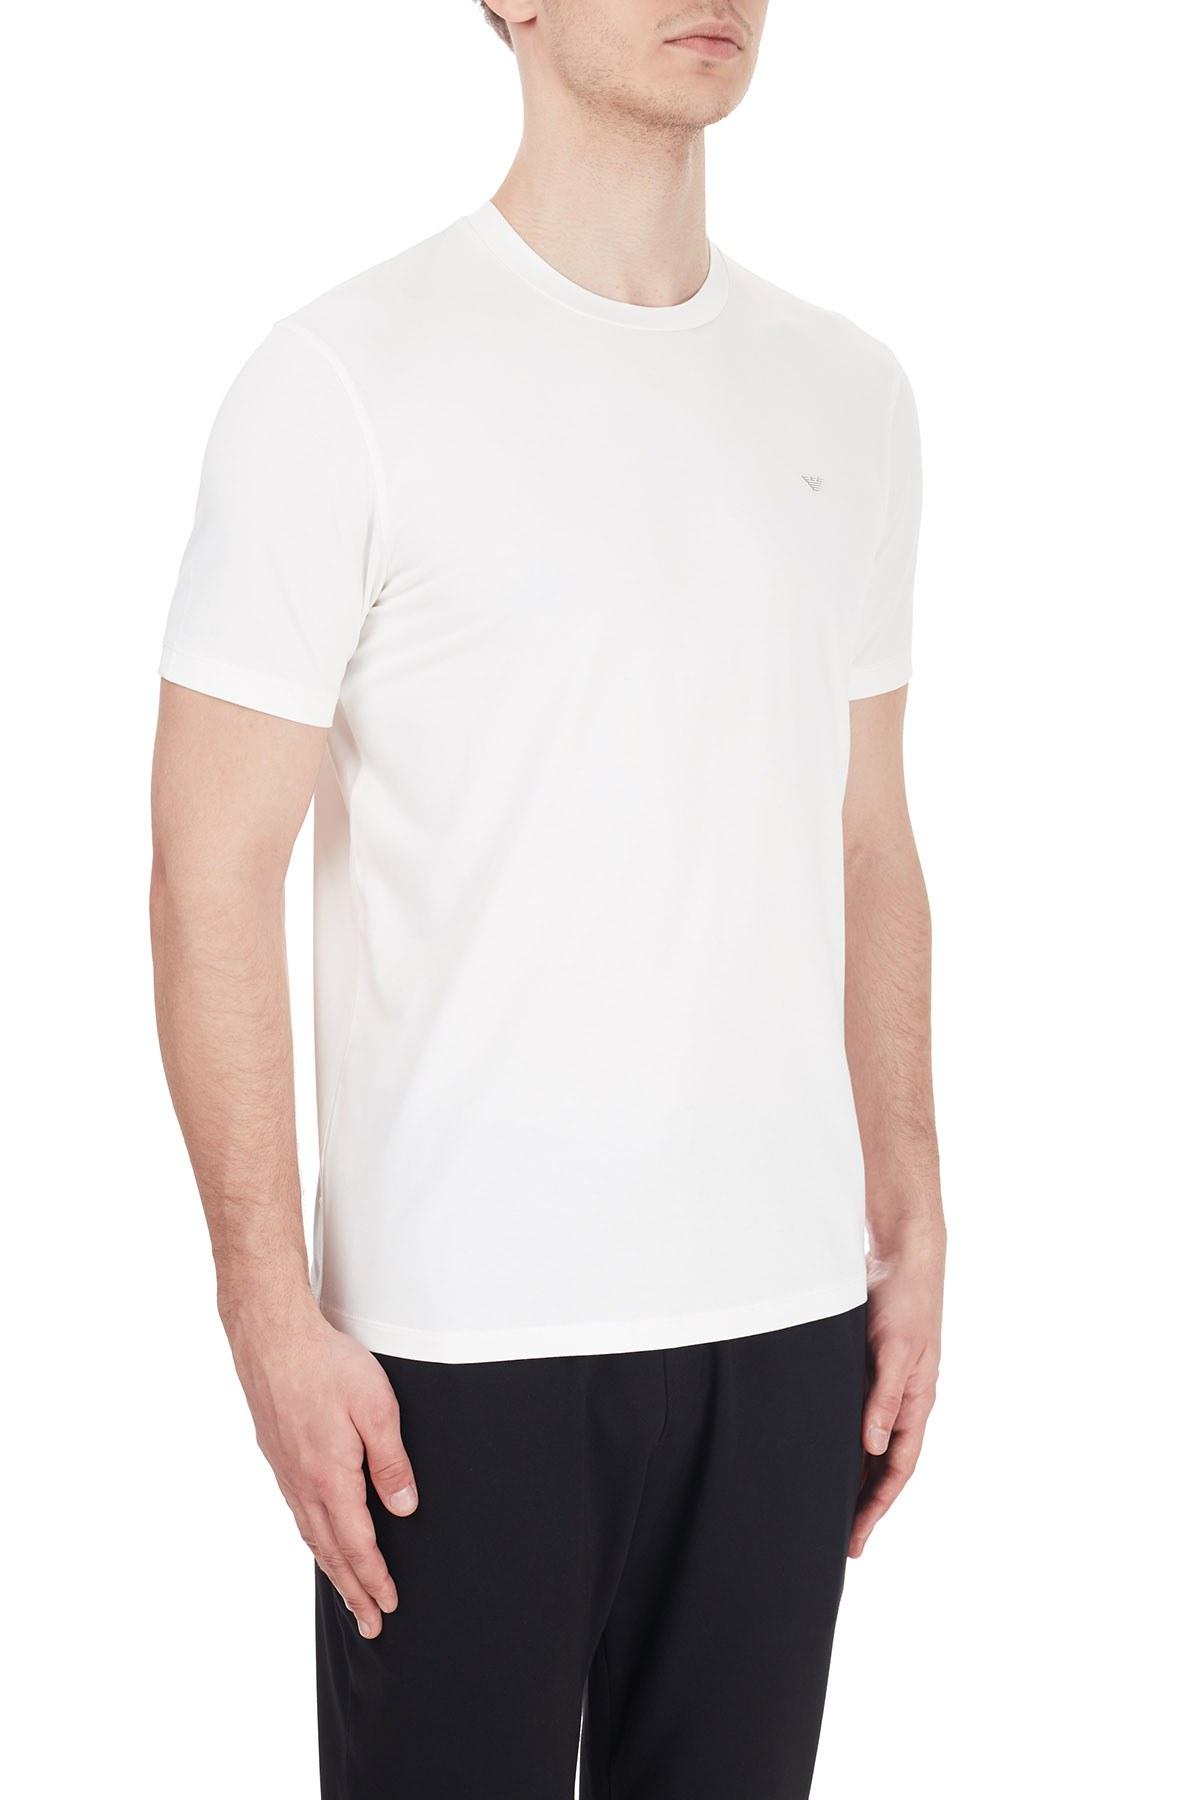 Emporio Armani Bisiklet Yaka Pamuklu Erkek T Shirt 6H1TS2 1JJRZ 0101 BEYAZ